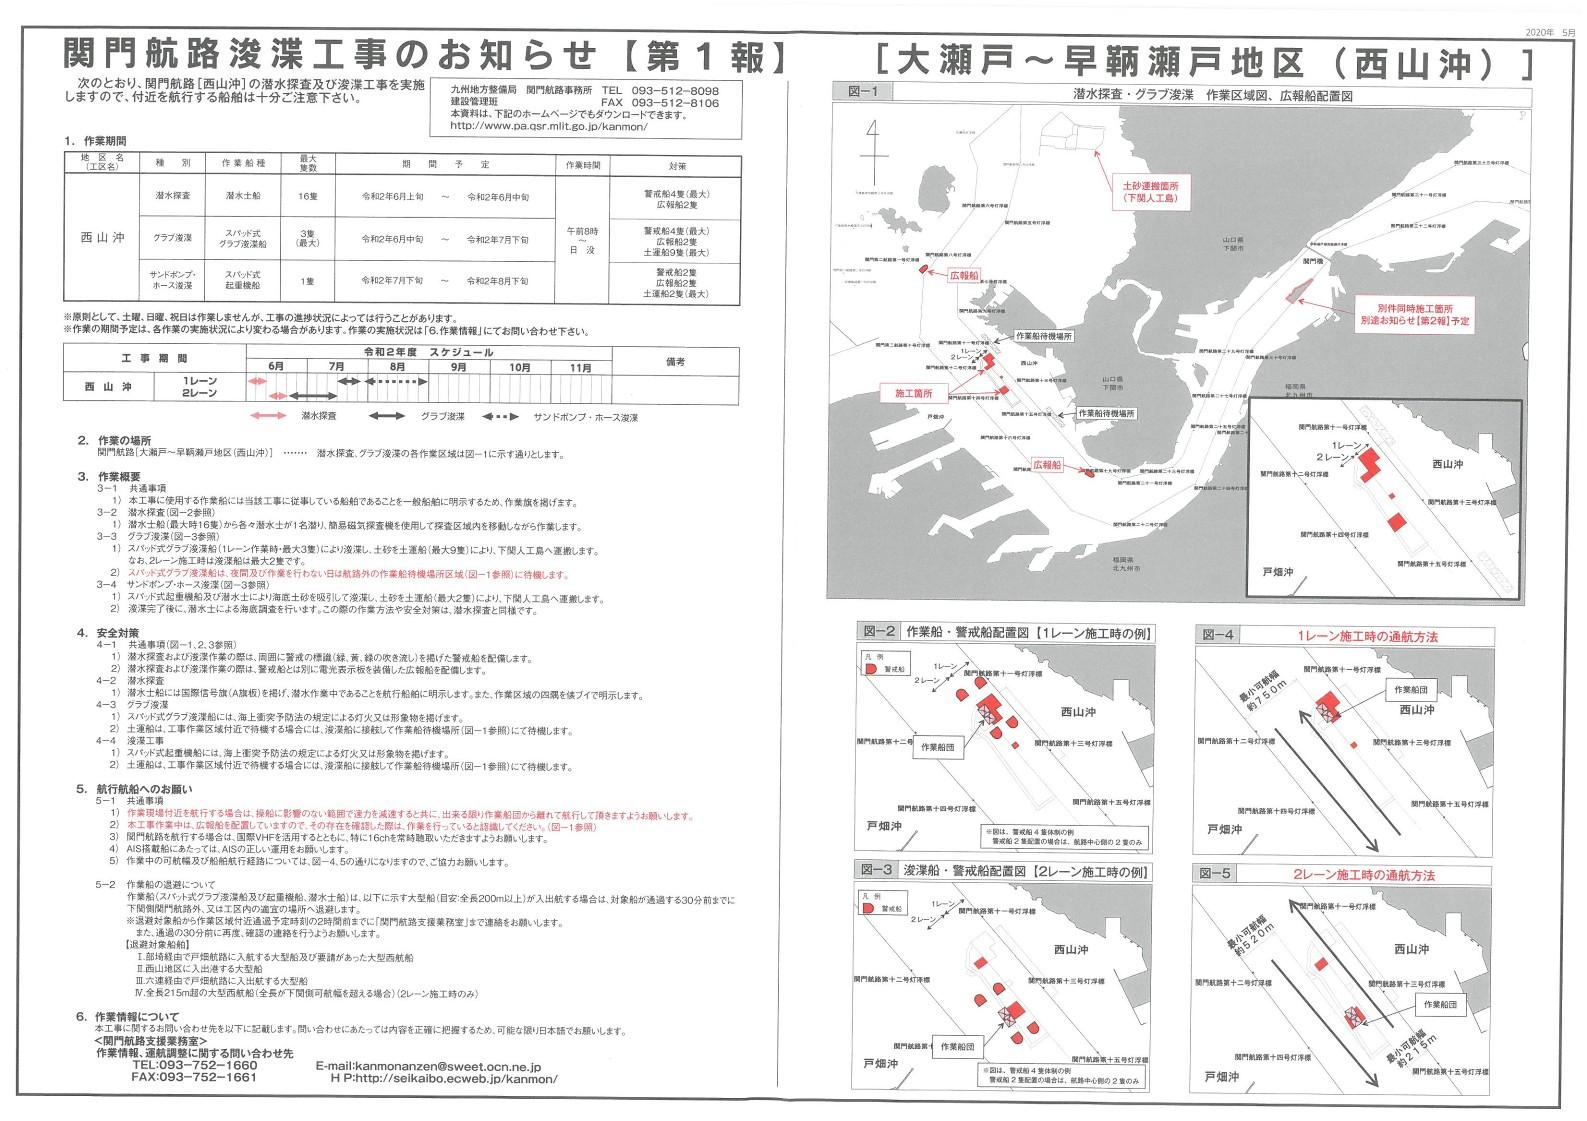 関門航路(大瀬戸~早鞆瀬戸地区)浚渫工事等のお知らせ_1